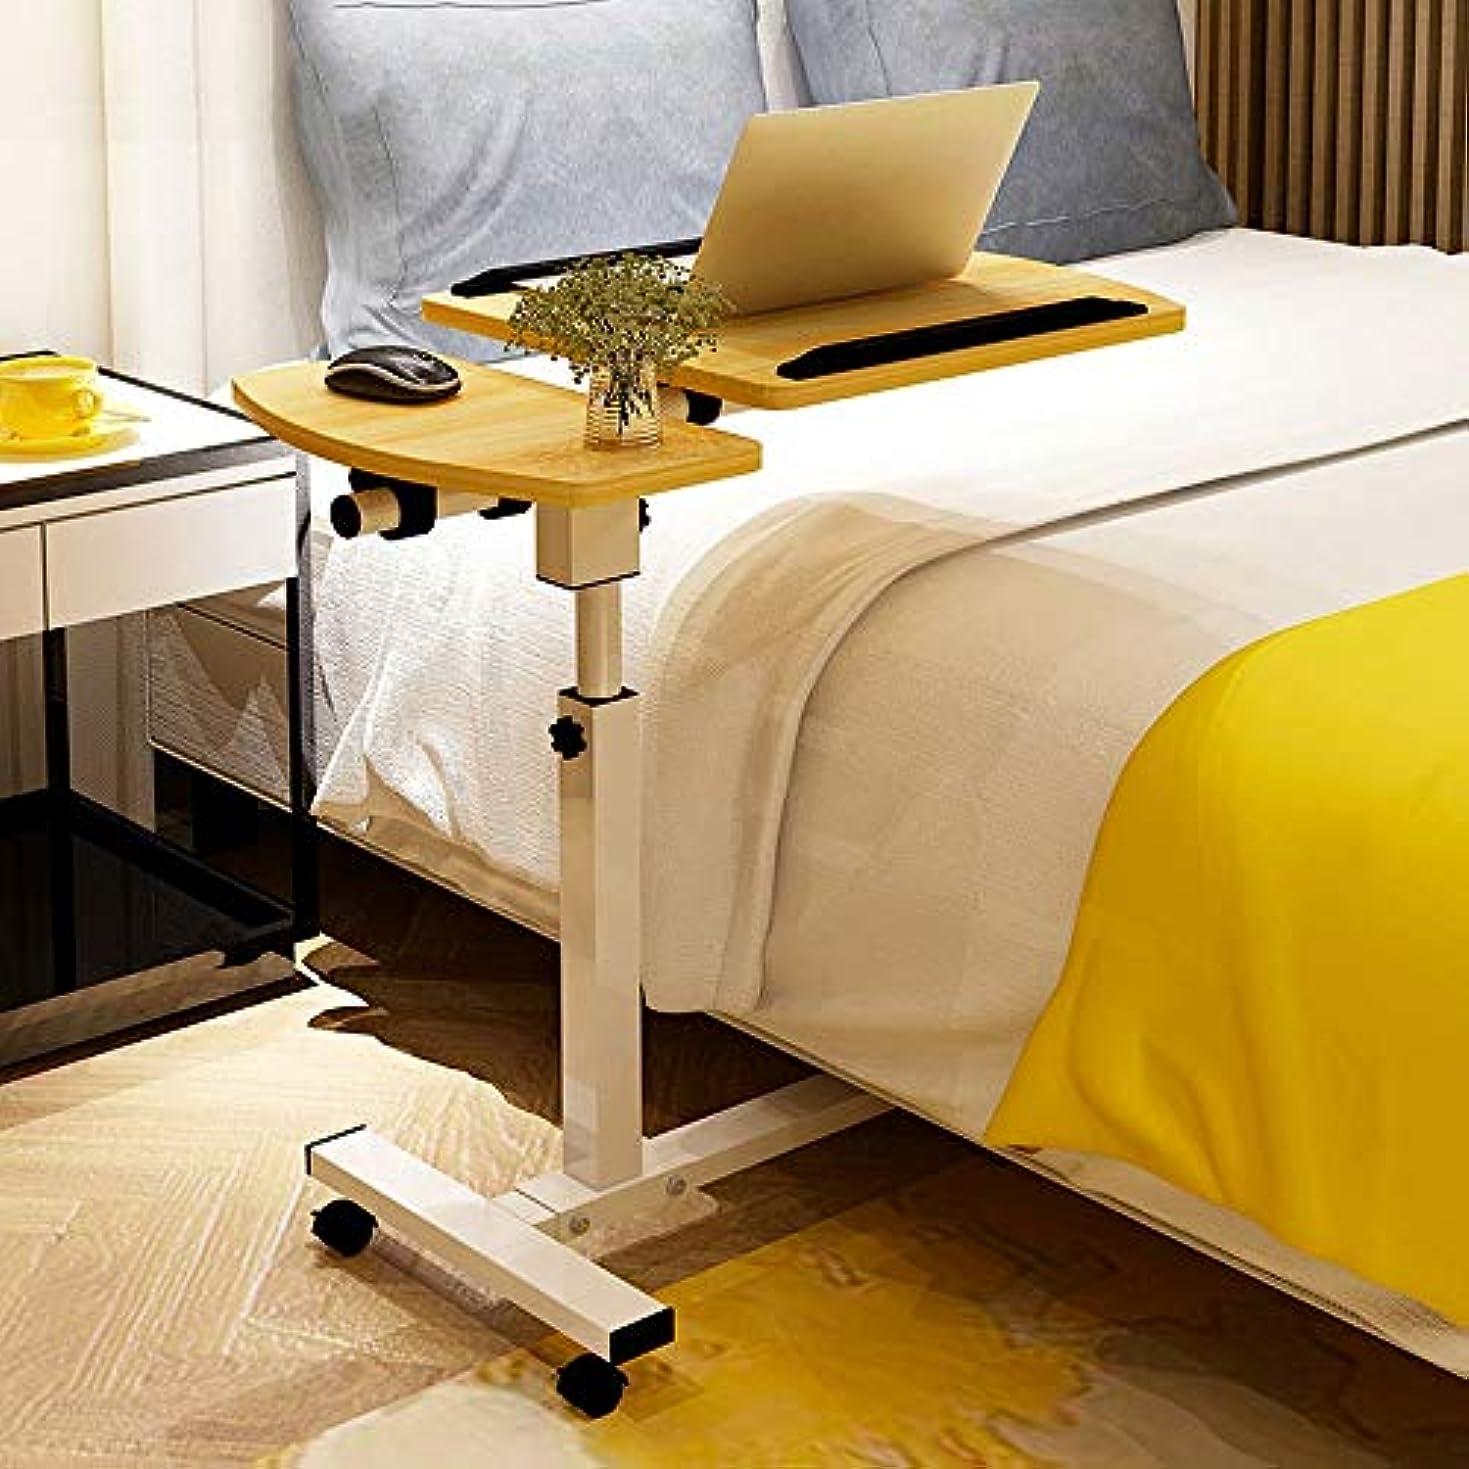 加速度誓いシフト折りたたみデスク シンプルな取り外し可能な折りたたみ式テーブルラップトップテーブル家庭用リフティングベッドサイドテーブル - 4色サイズ:57x40x(62?96)cm A++ (色 : B)